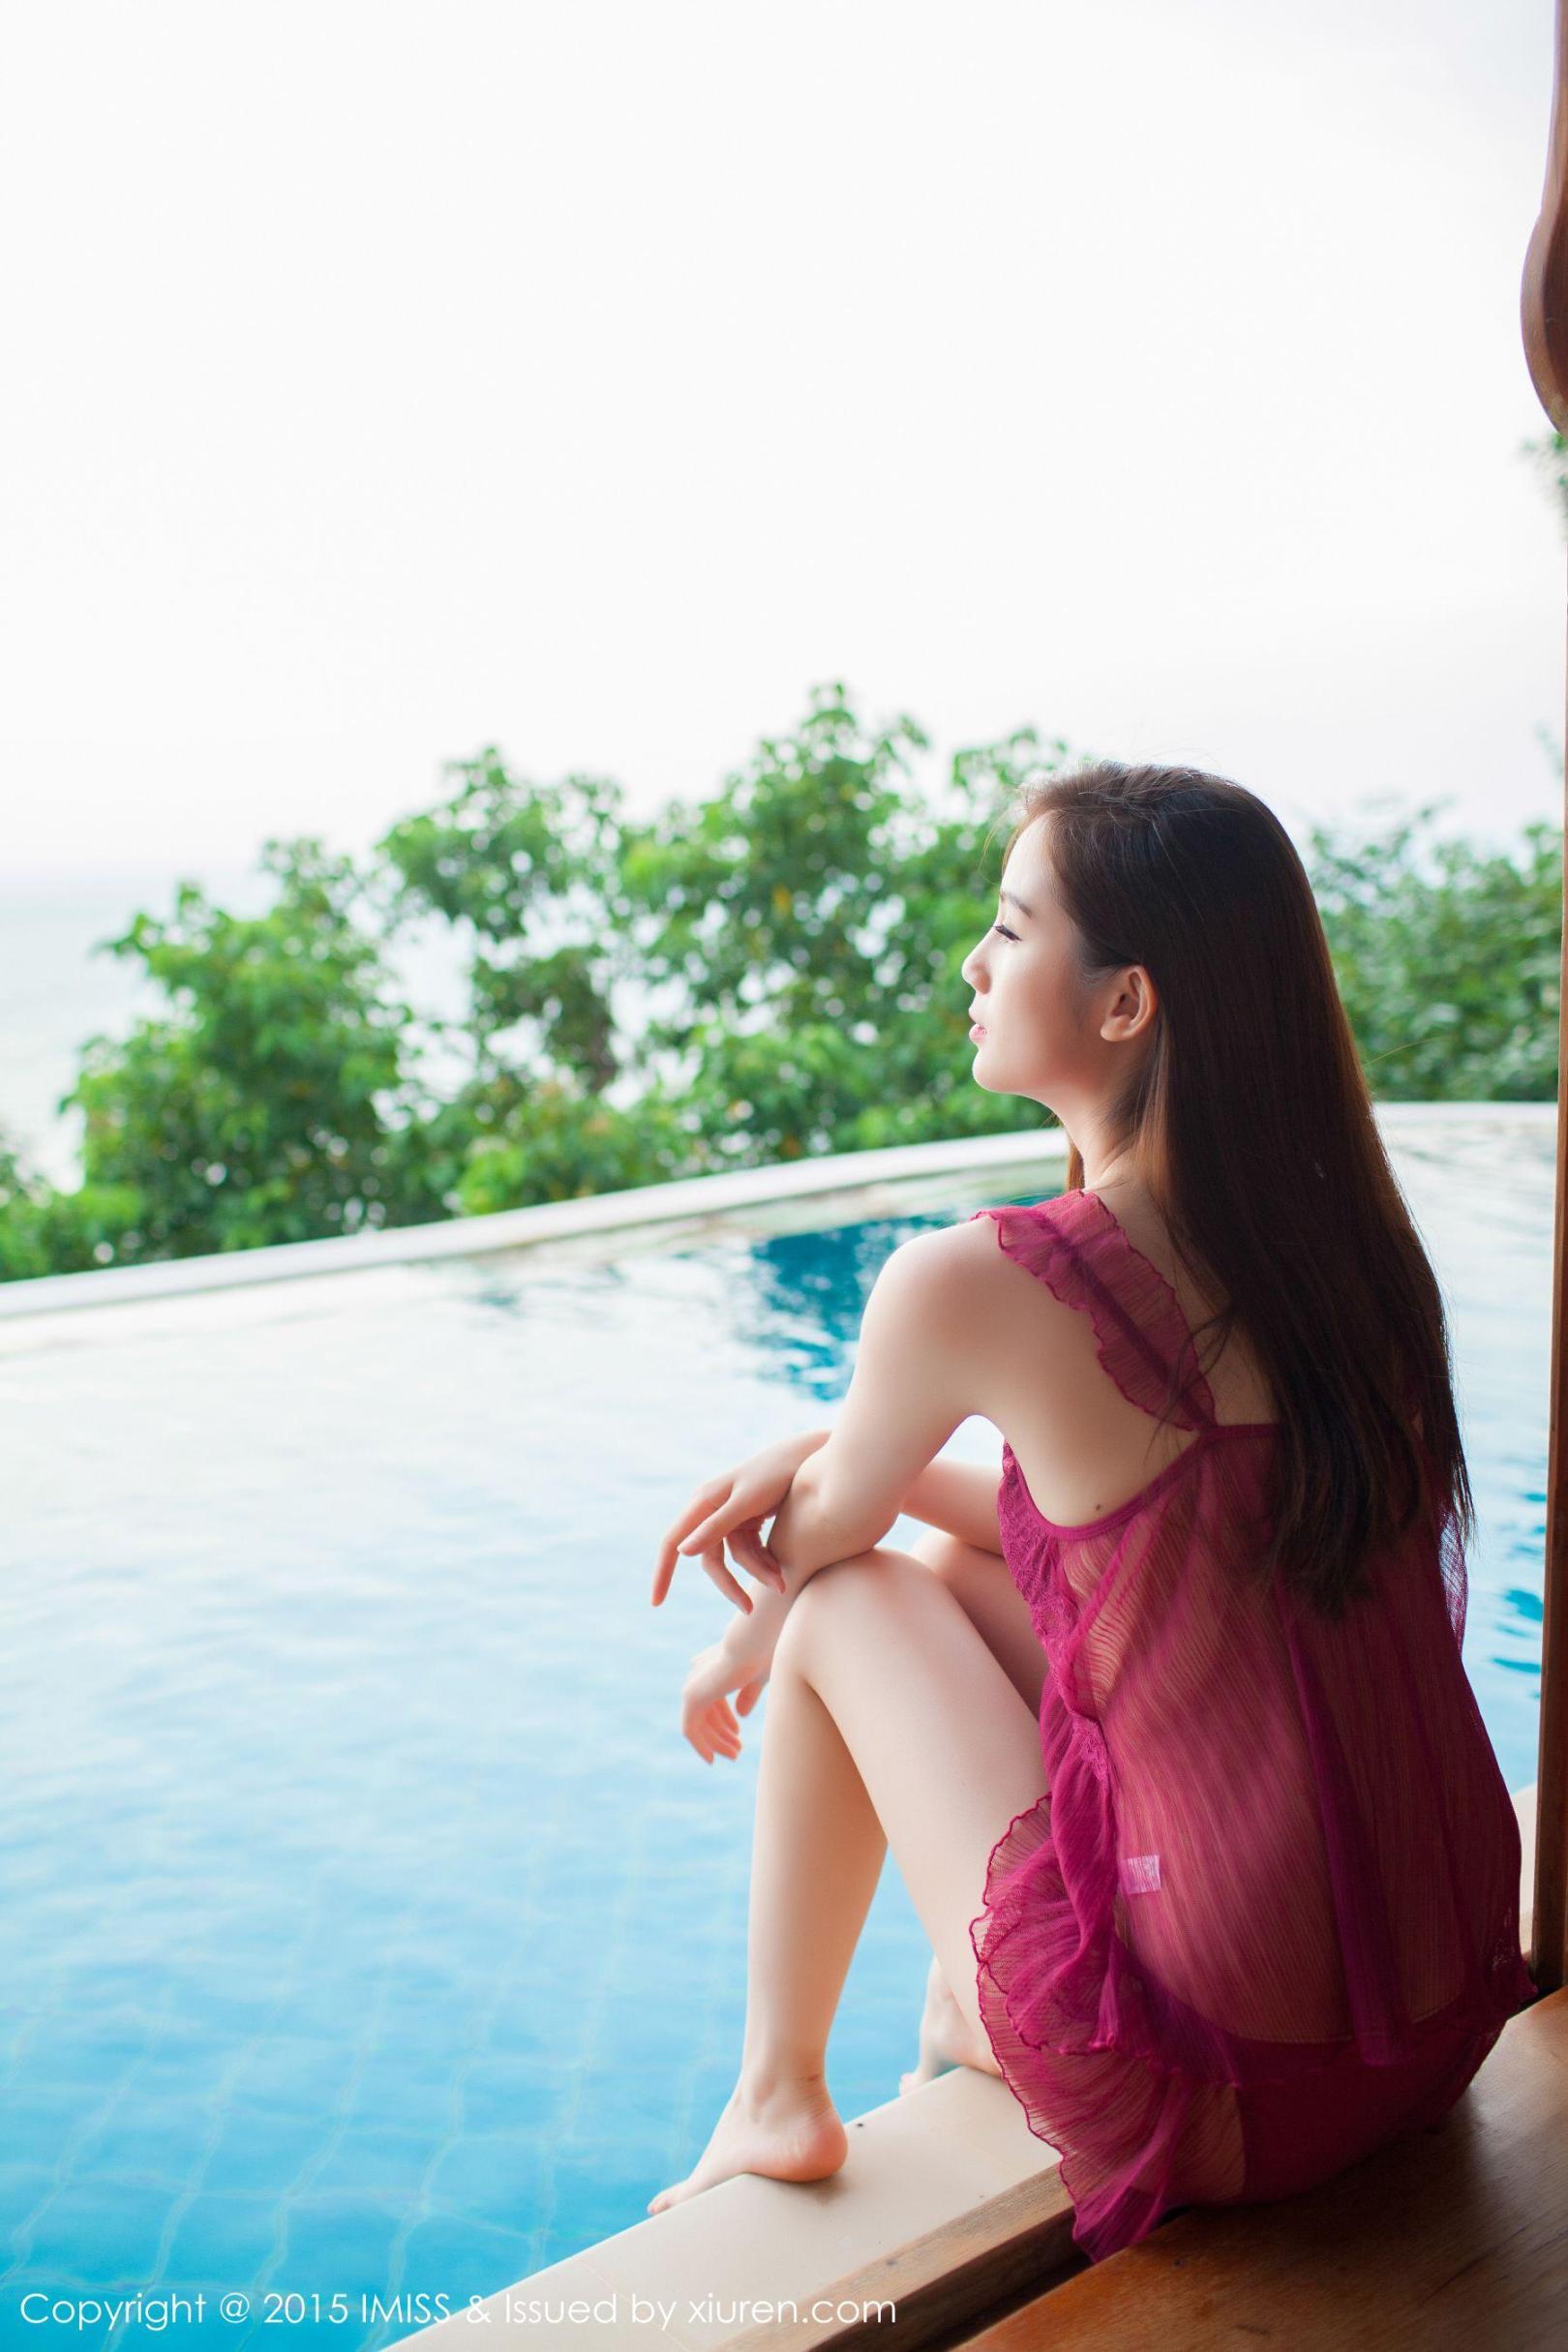 [爱蜜社] SISY思 泰国普吉岛旅拍 高清写真套图